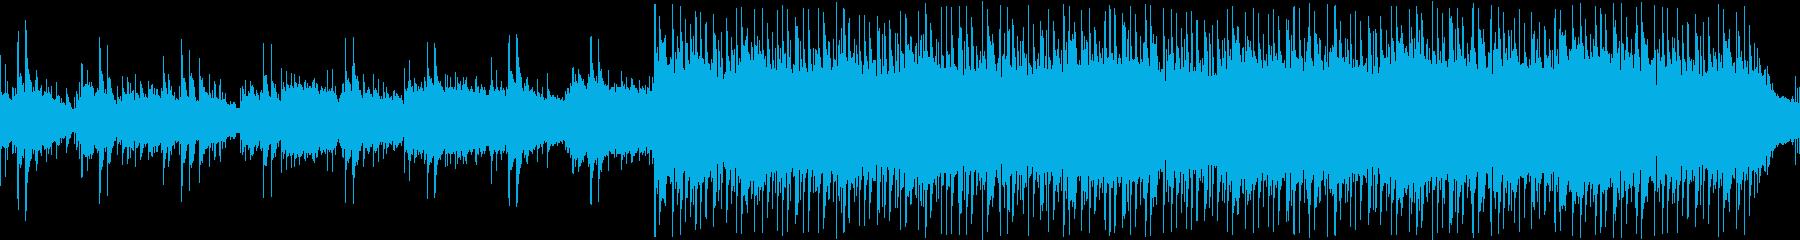 メロウで陶酔感のあるエレクトロニカループの再生済みの波形